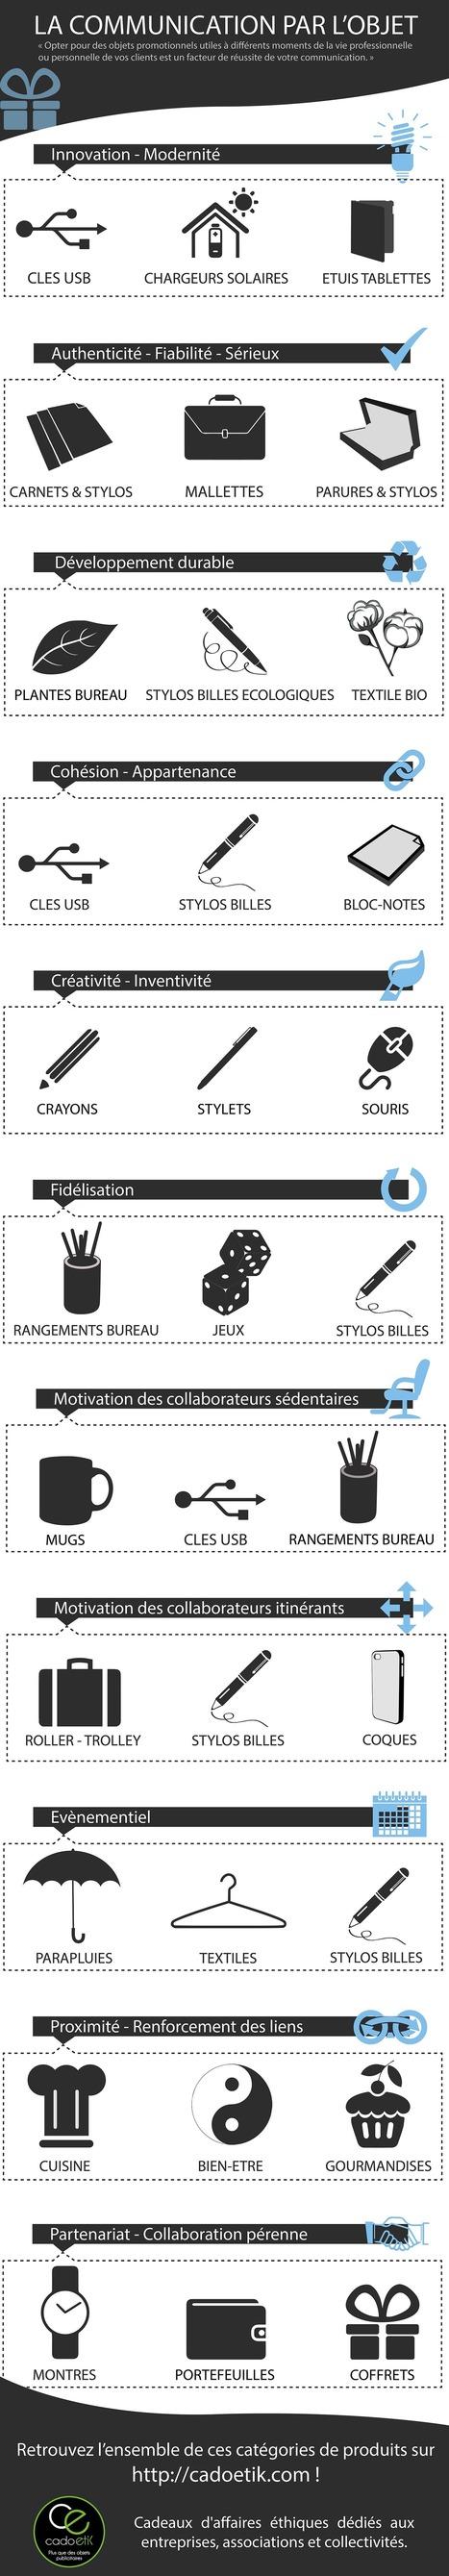 Objet publicitaire : Mug personnalisé AUTOVEILLE | Support Marketing | L'E-Réputation | Scoop.it